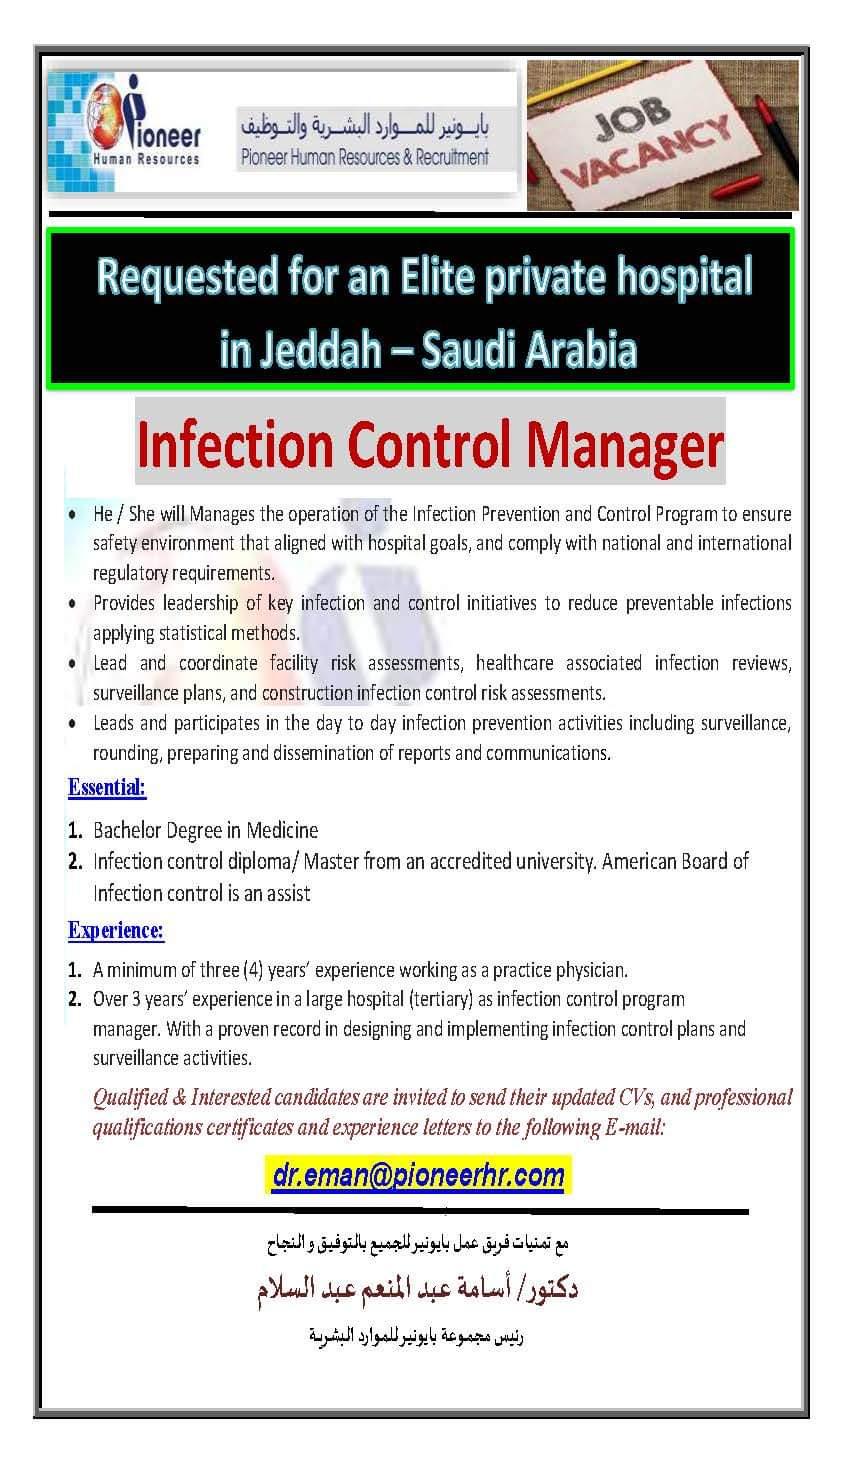 صورة وظائف اطباء لمستشفى خاصة فى جدة